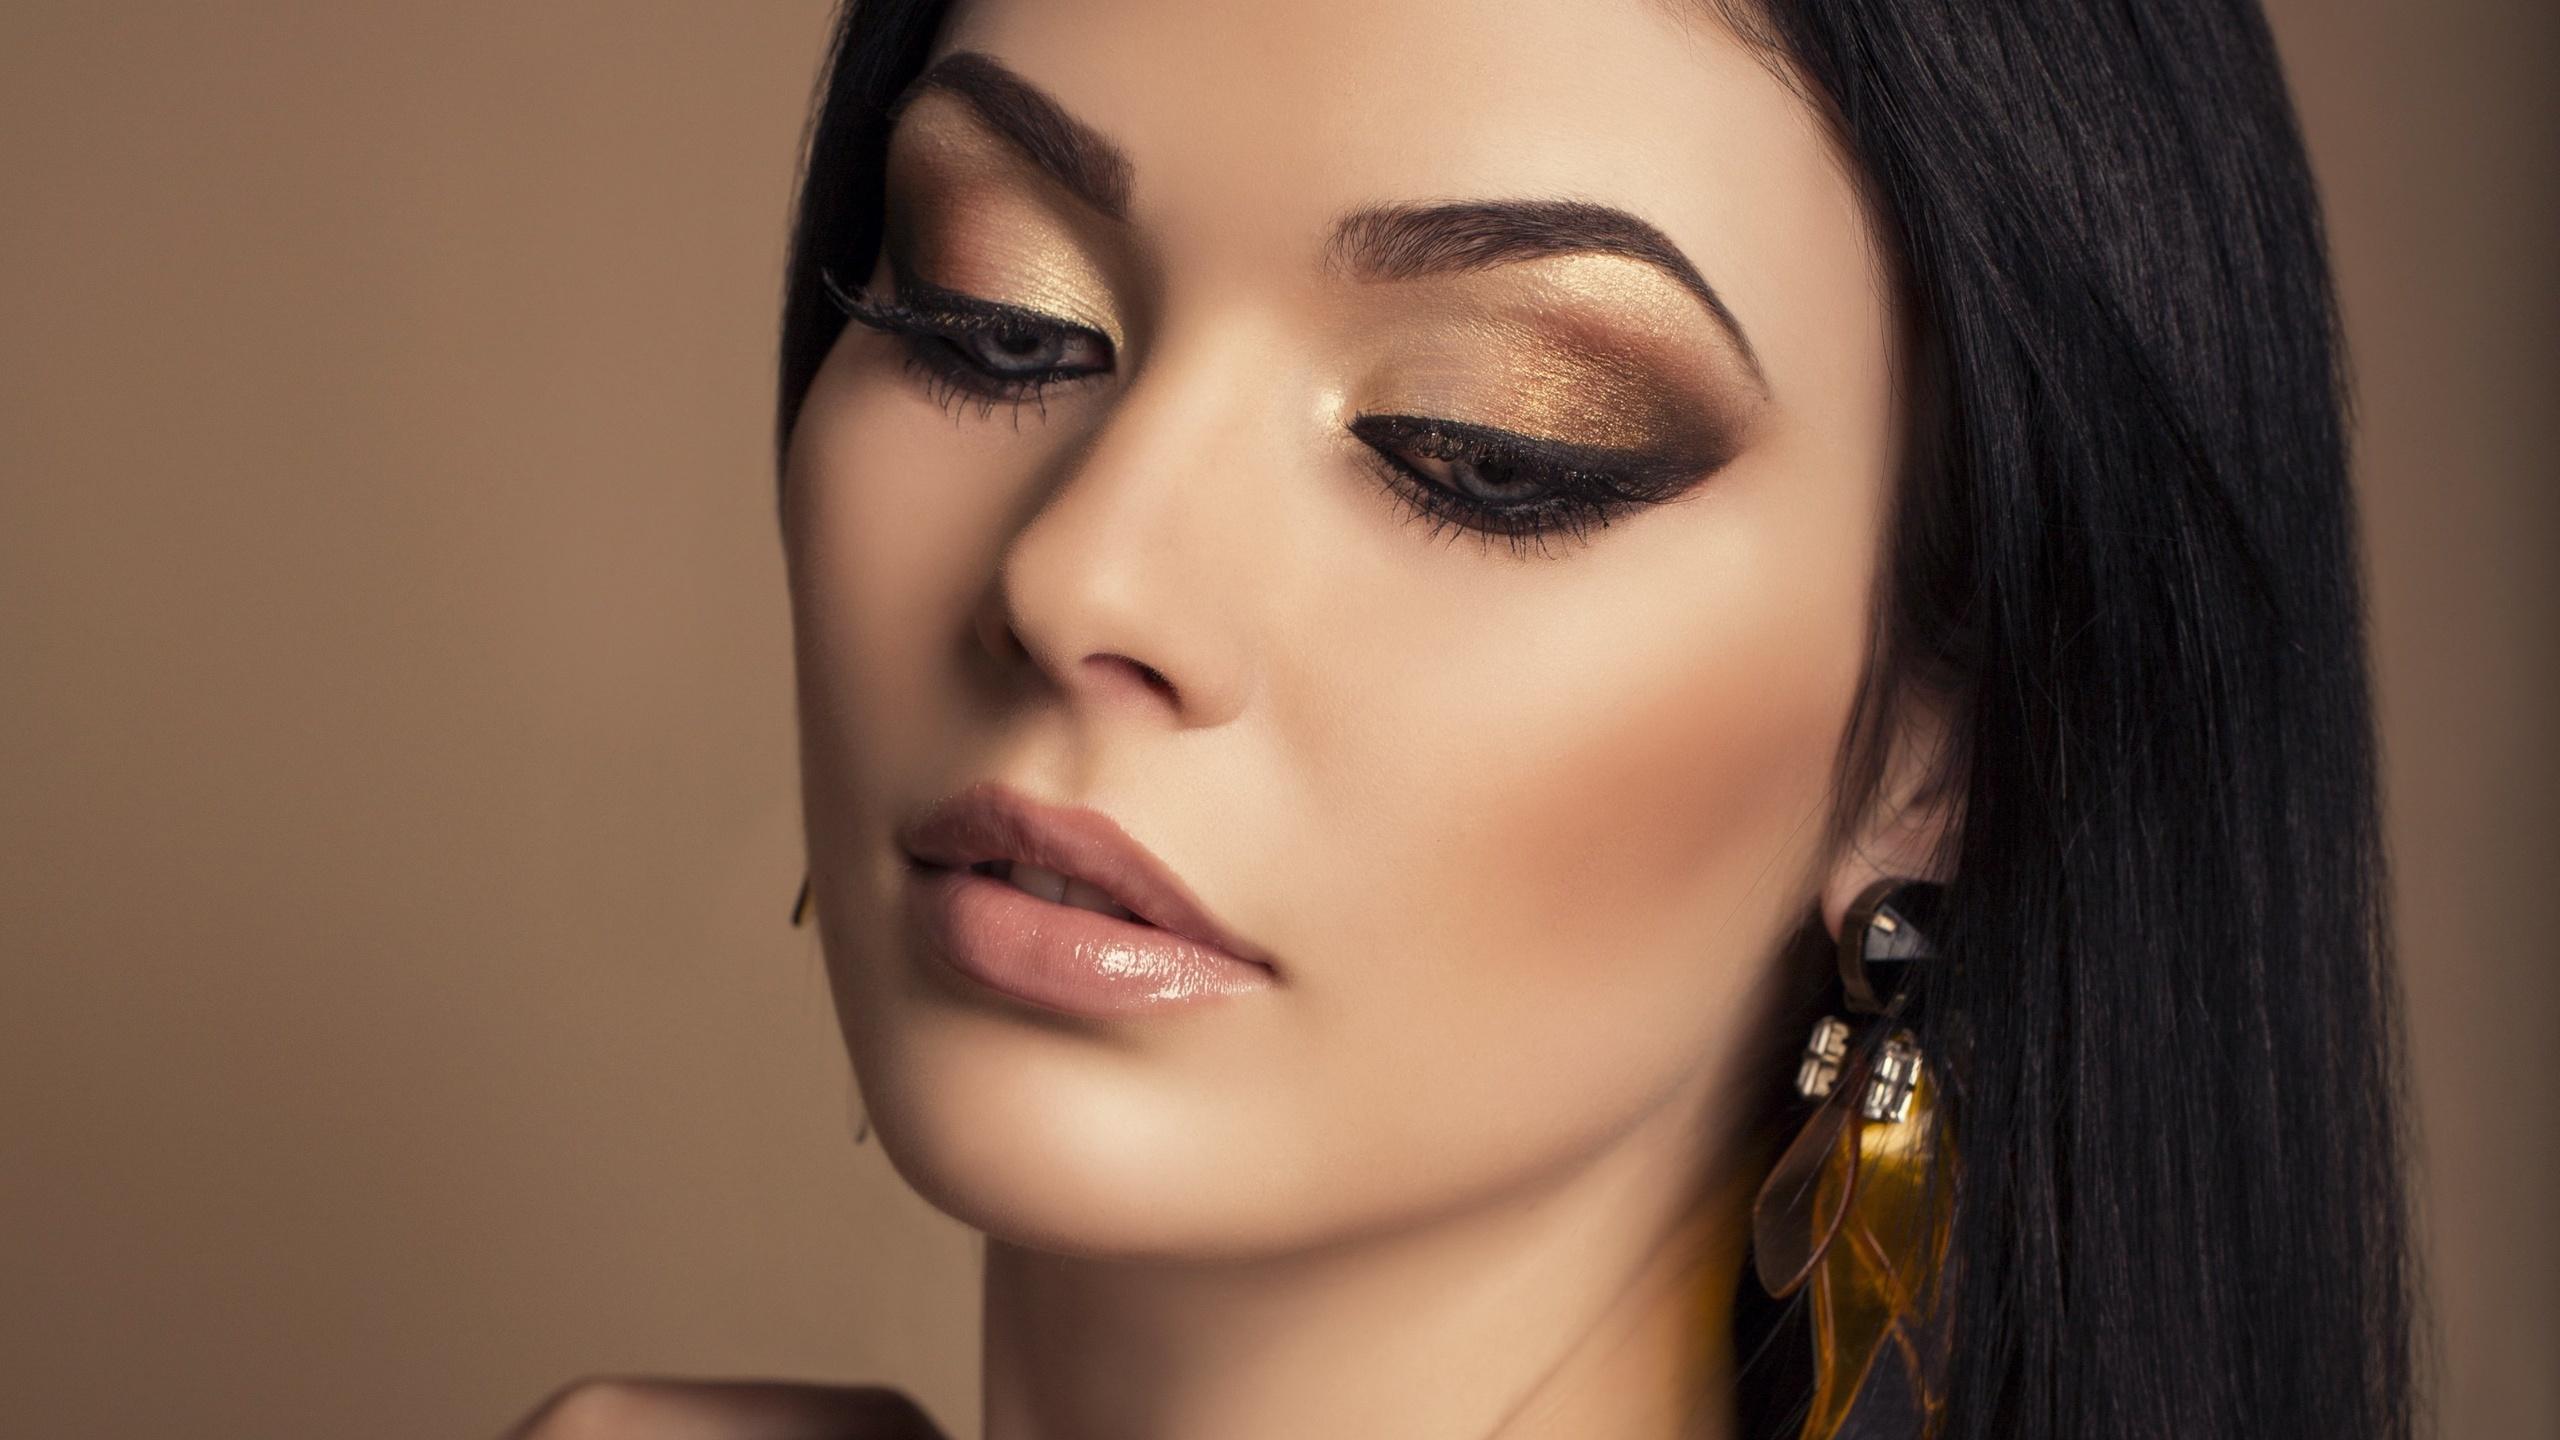 вечерний макияж фото в картинках вдвое